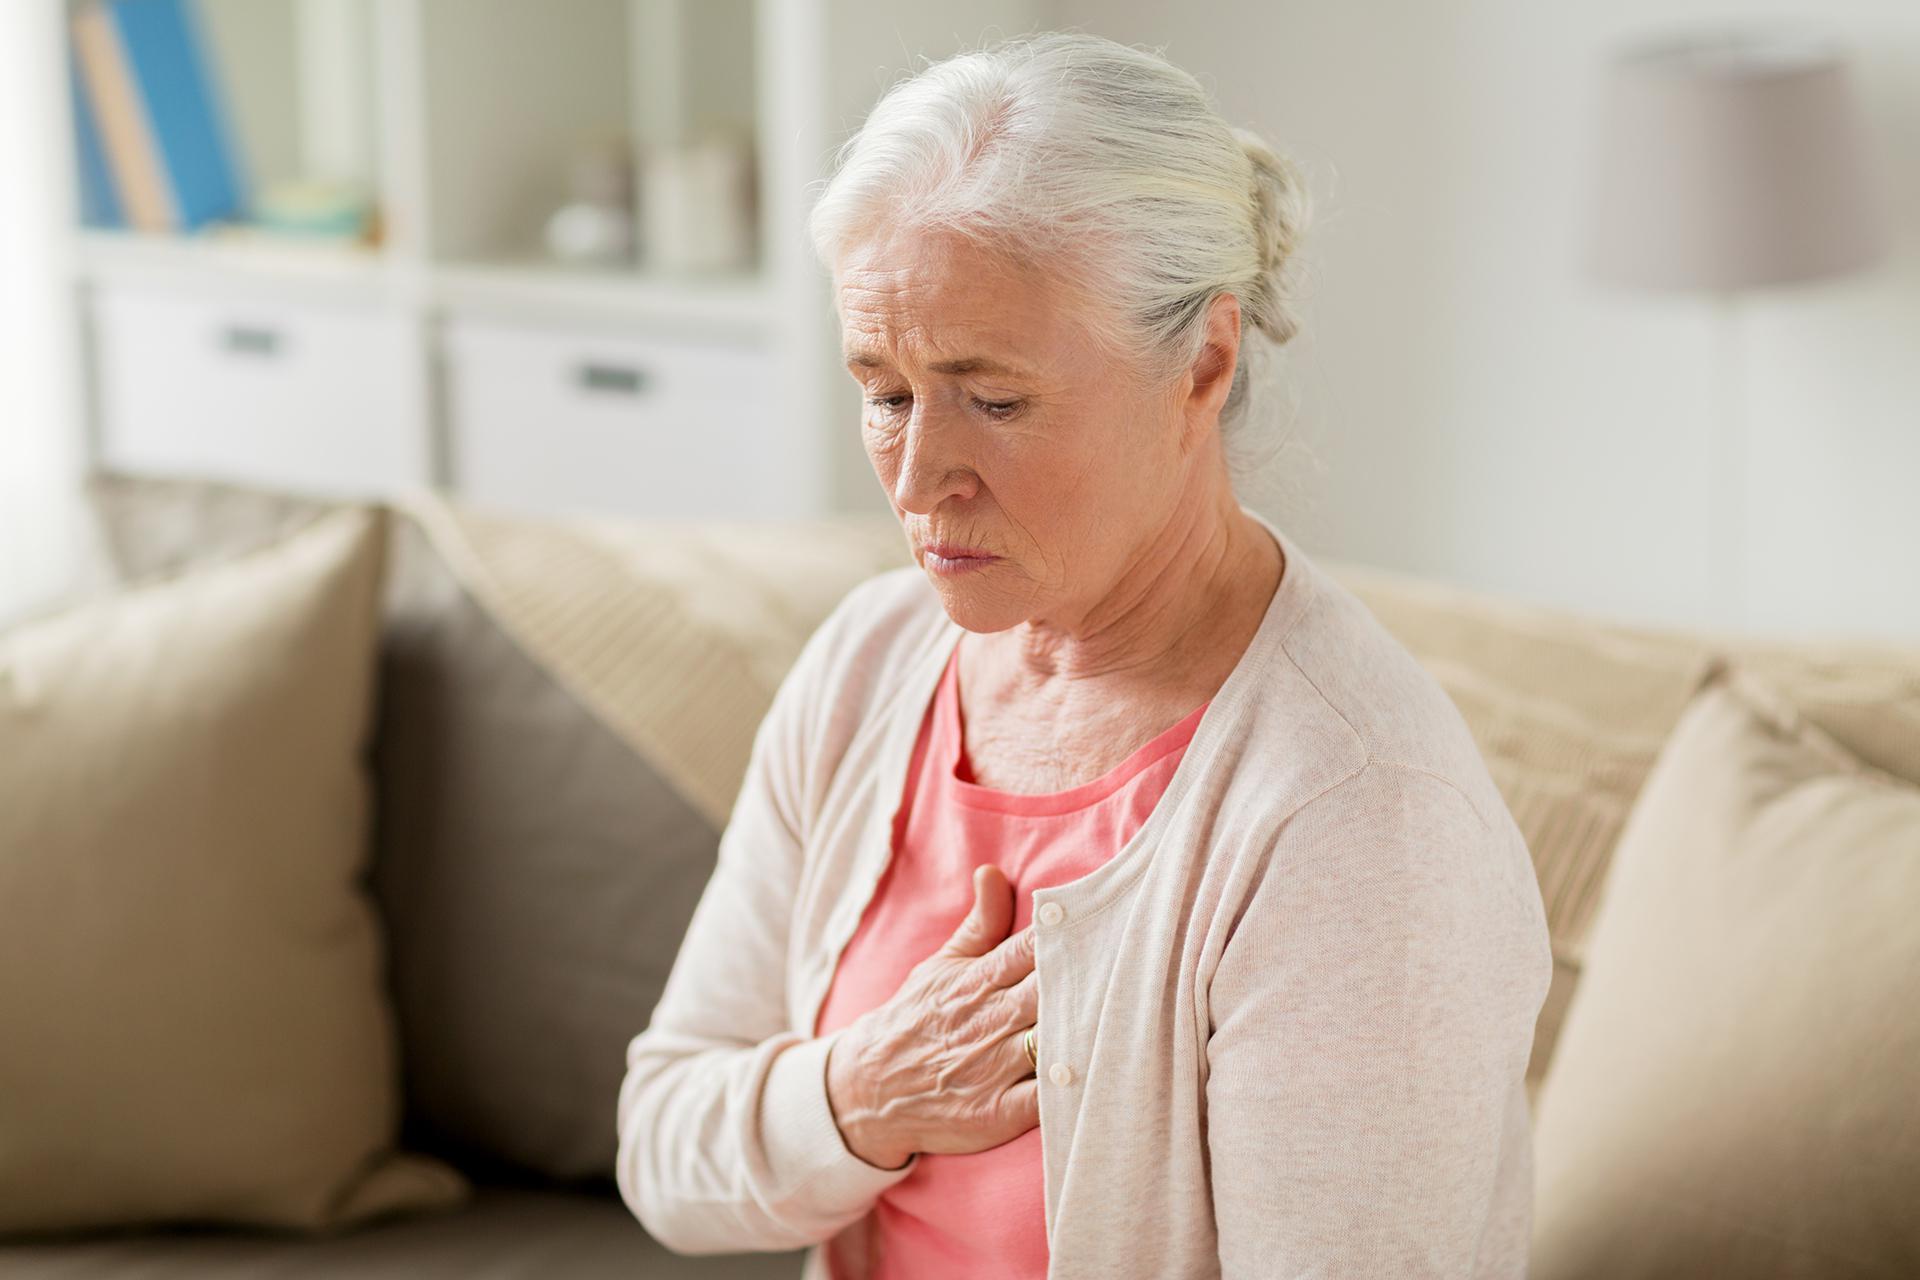 heart-patient-fullerton